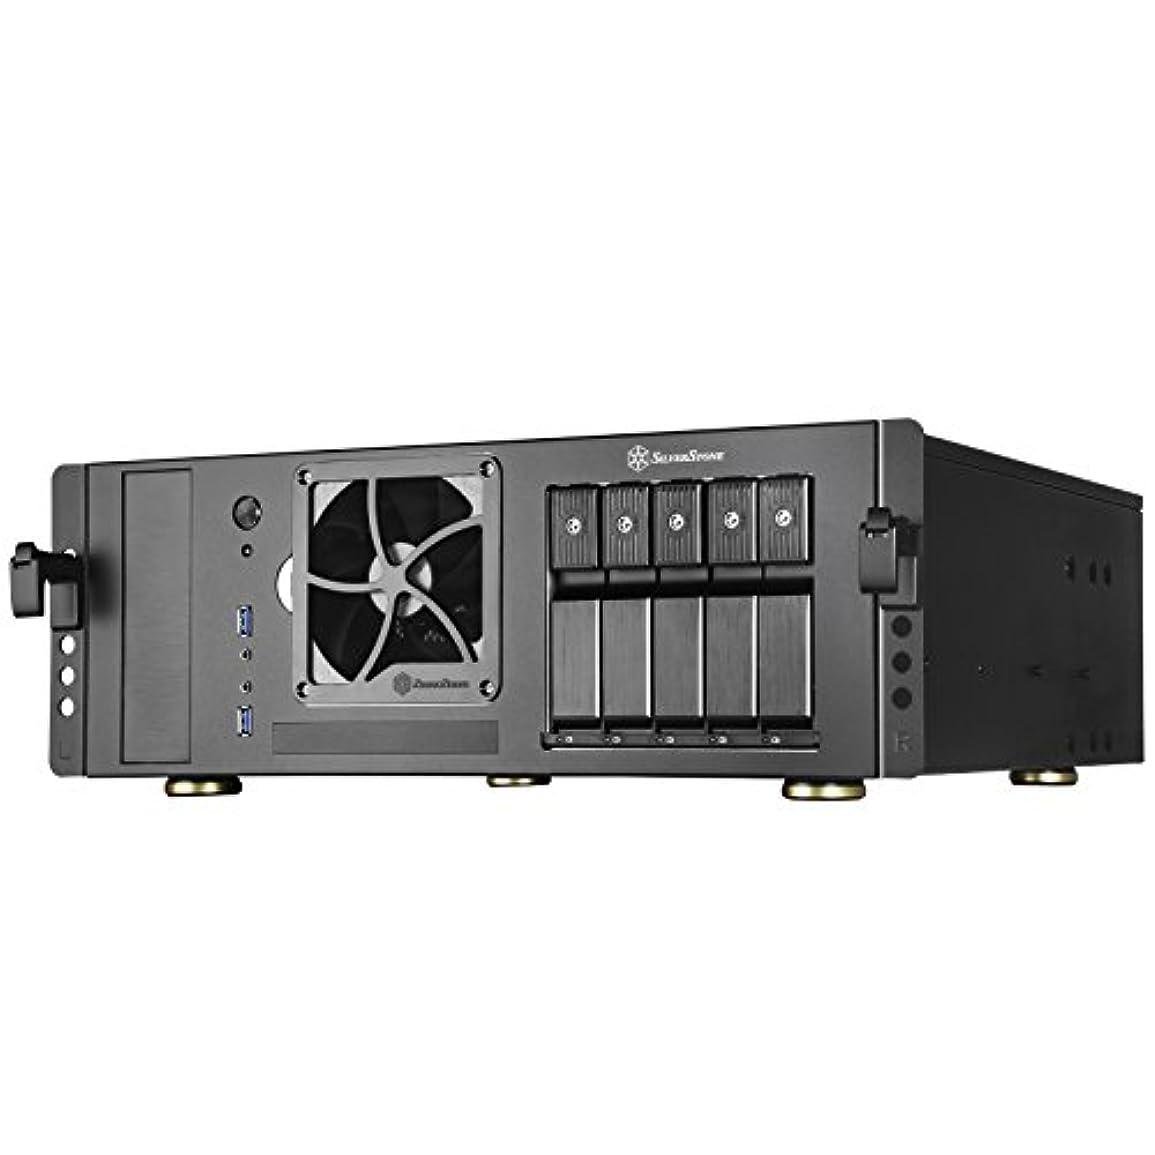 沈黙連邦ガイダンスSilverstoneテクノロジーsst-cs350b ATXラックマウント型サーバCase With 5 SATA / SAS 6ギガビット/ Sトレイと標準PSUサポート